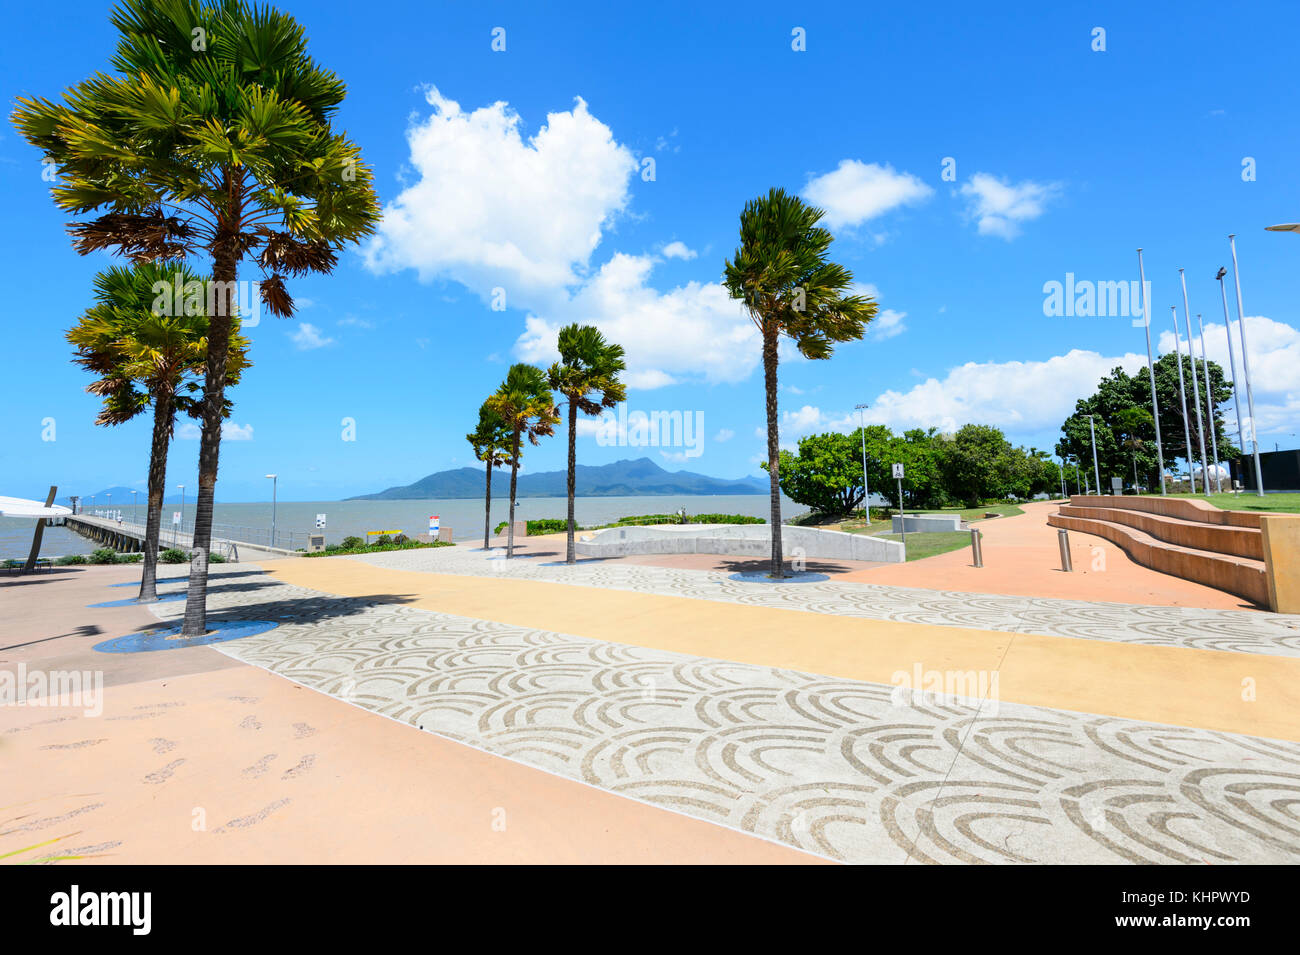 Pavimentazione decorata Cardwell sul lungomare vicino al molo, estremo Nord Queensland, FNQ, Australia Immagini Stock